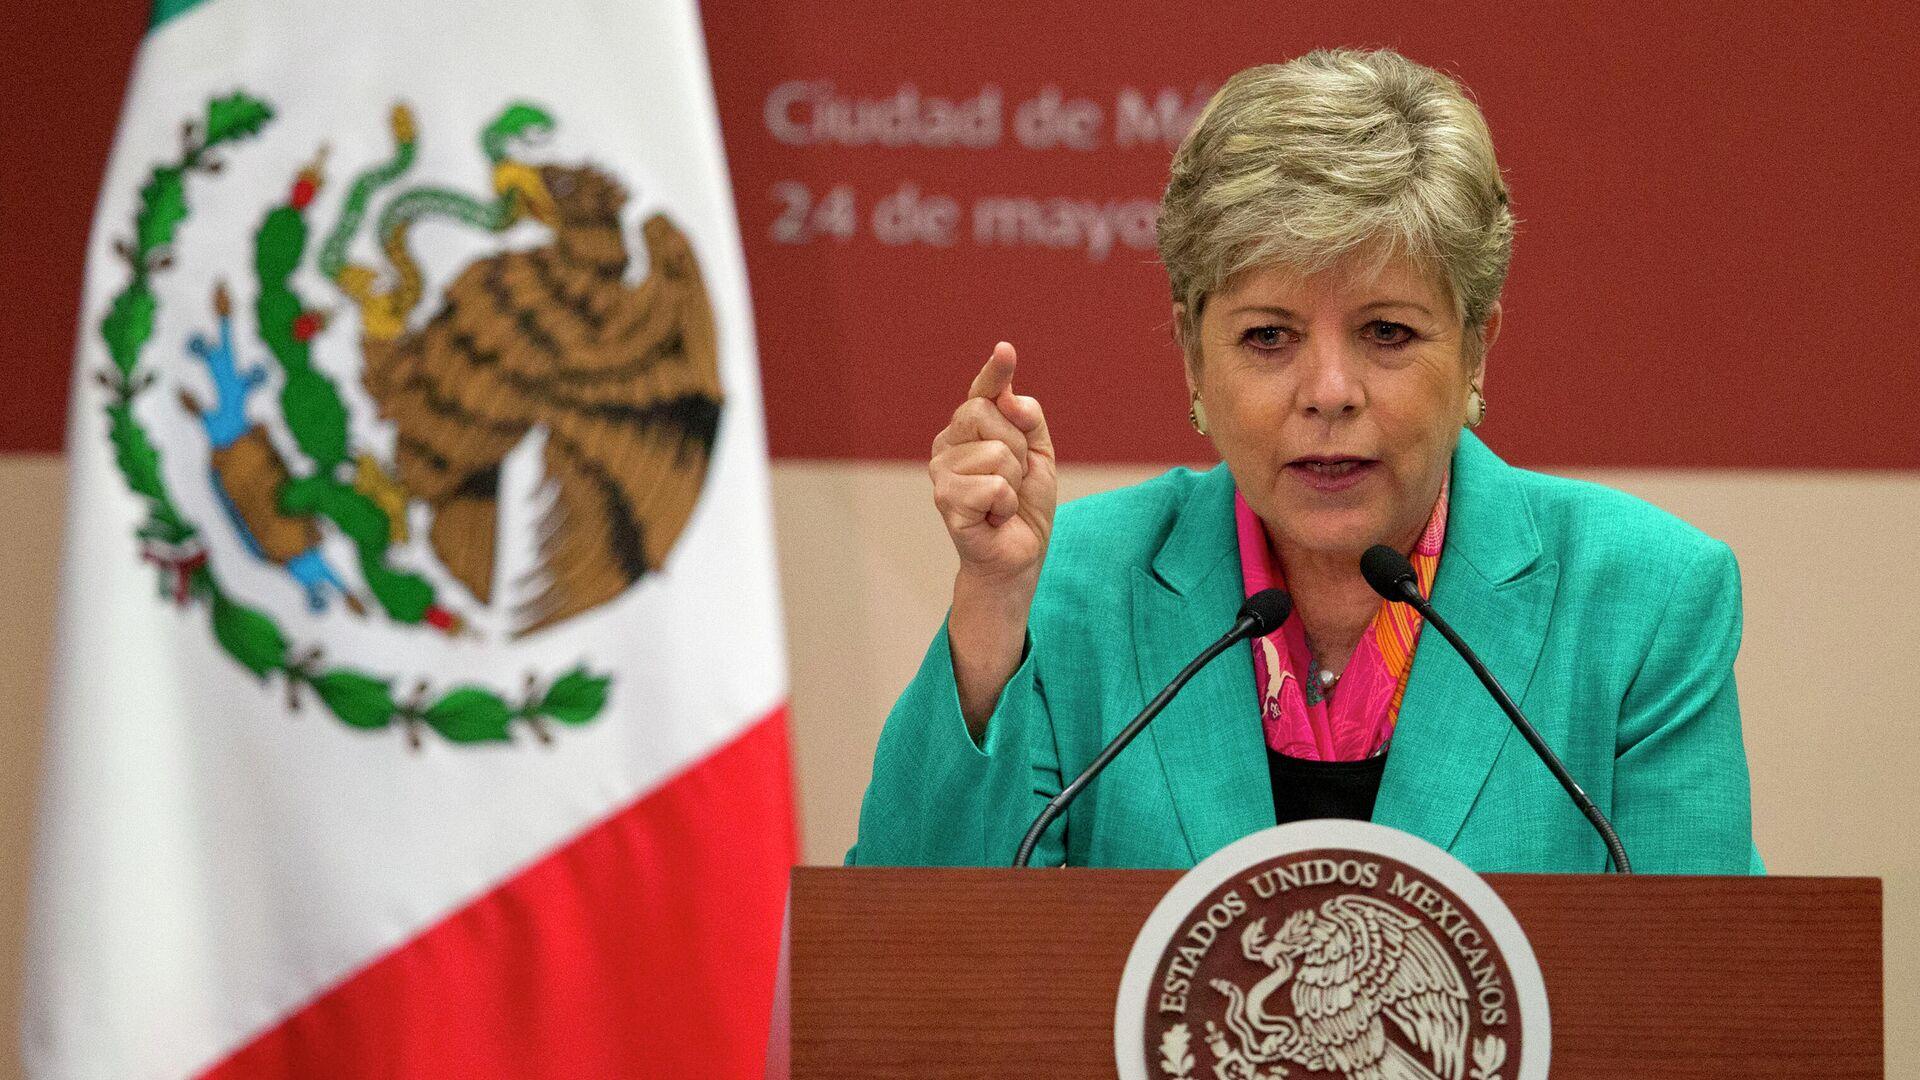 La directora ejecutiva de la Comisión Económica para América Latina y el Caribe de las Naciones Unidas (CEPAL), Alicia Bárcena - Sputnik Mundo, 1920, 23.04.2021